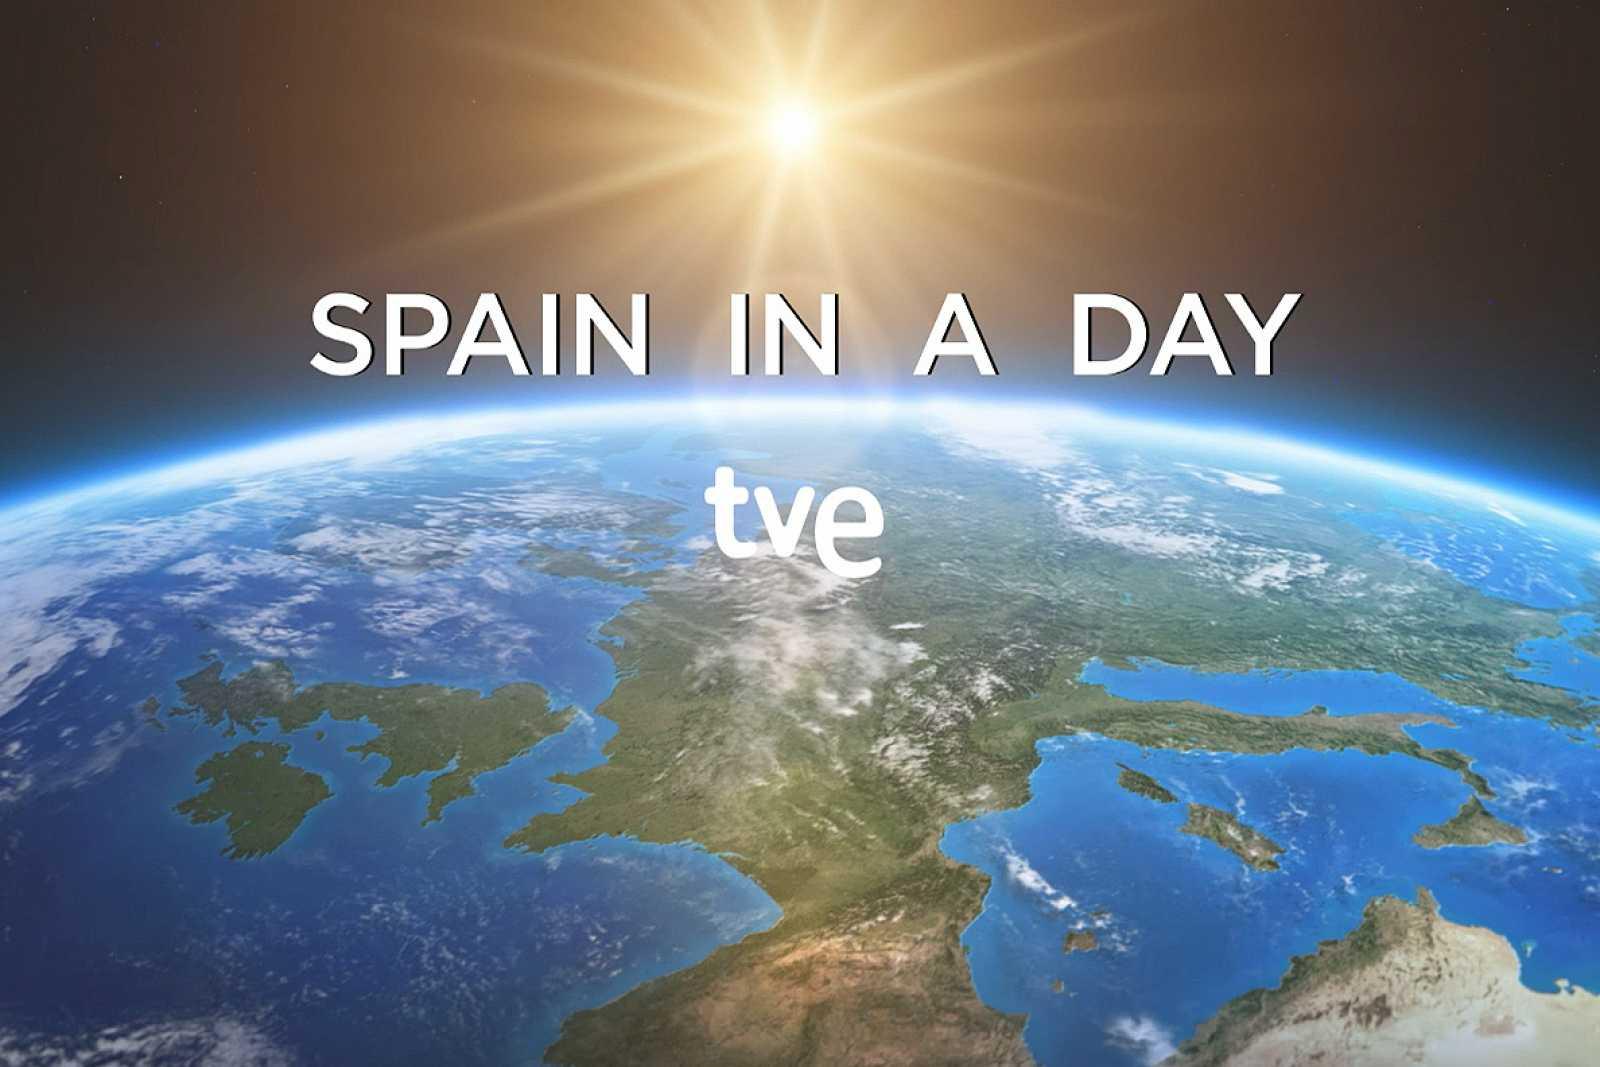 'Spain in a day' recibe 22.600 vídeos para retratar 24 horas en la vida de España